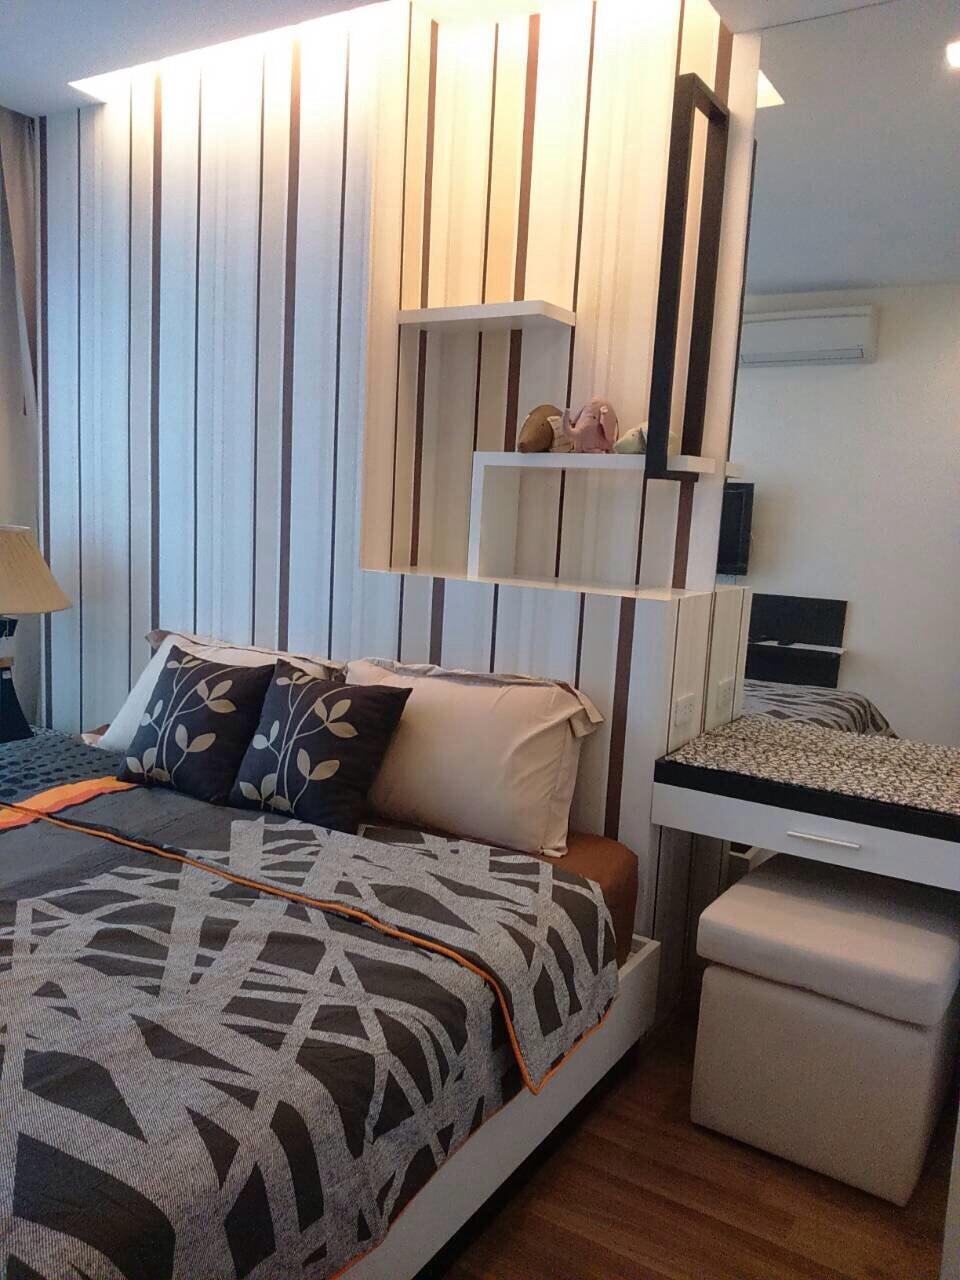 The shine condominium